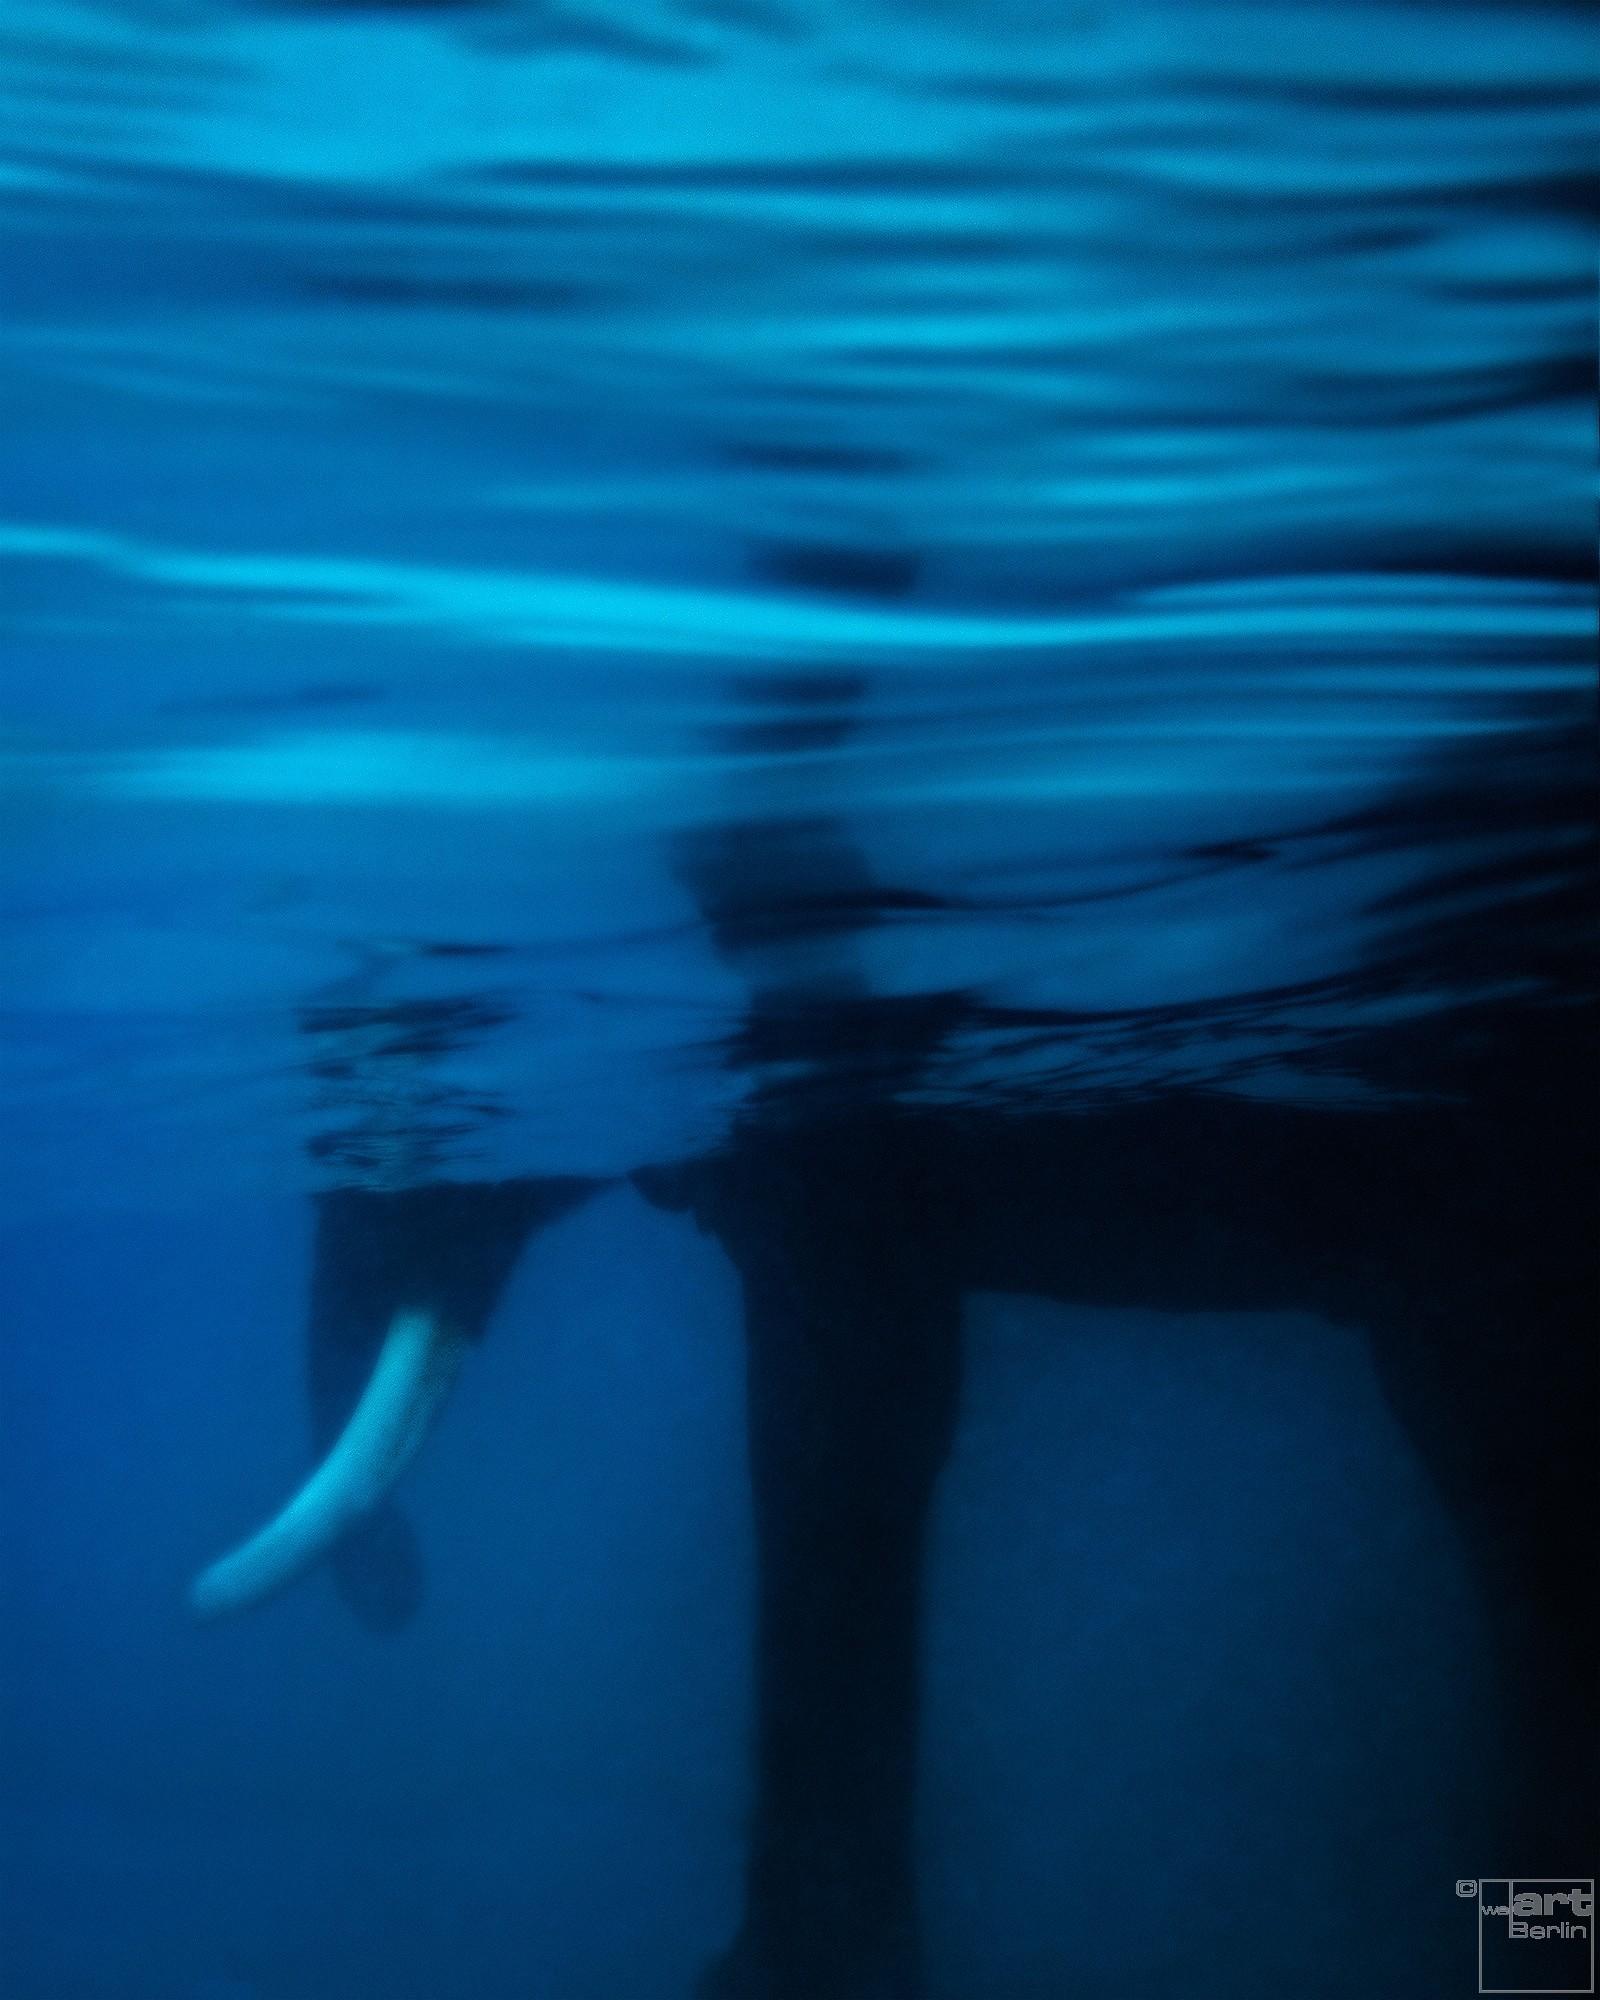 Oceans 3 | Fotografiecollage von Finkbeiner & Salm, Direktdruck auf Alu-Dibond, limitierte Edition 50+2